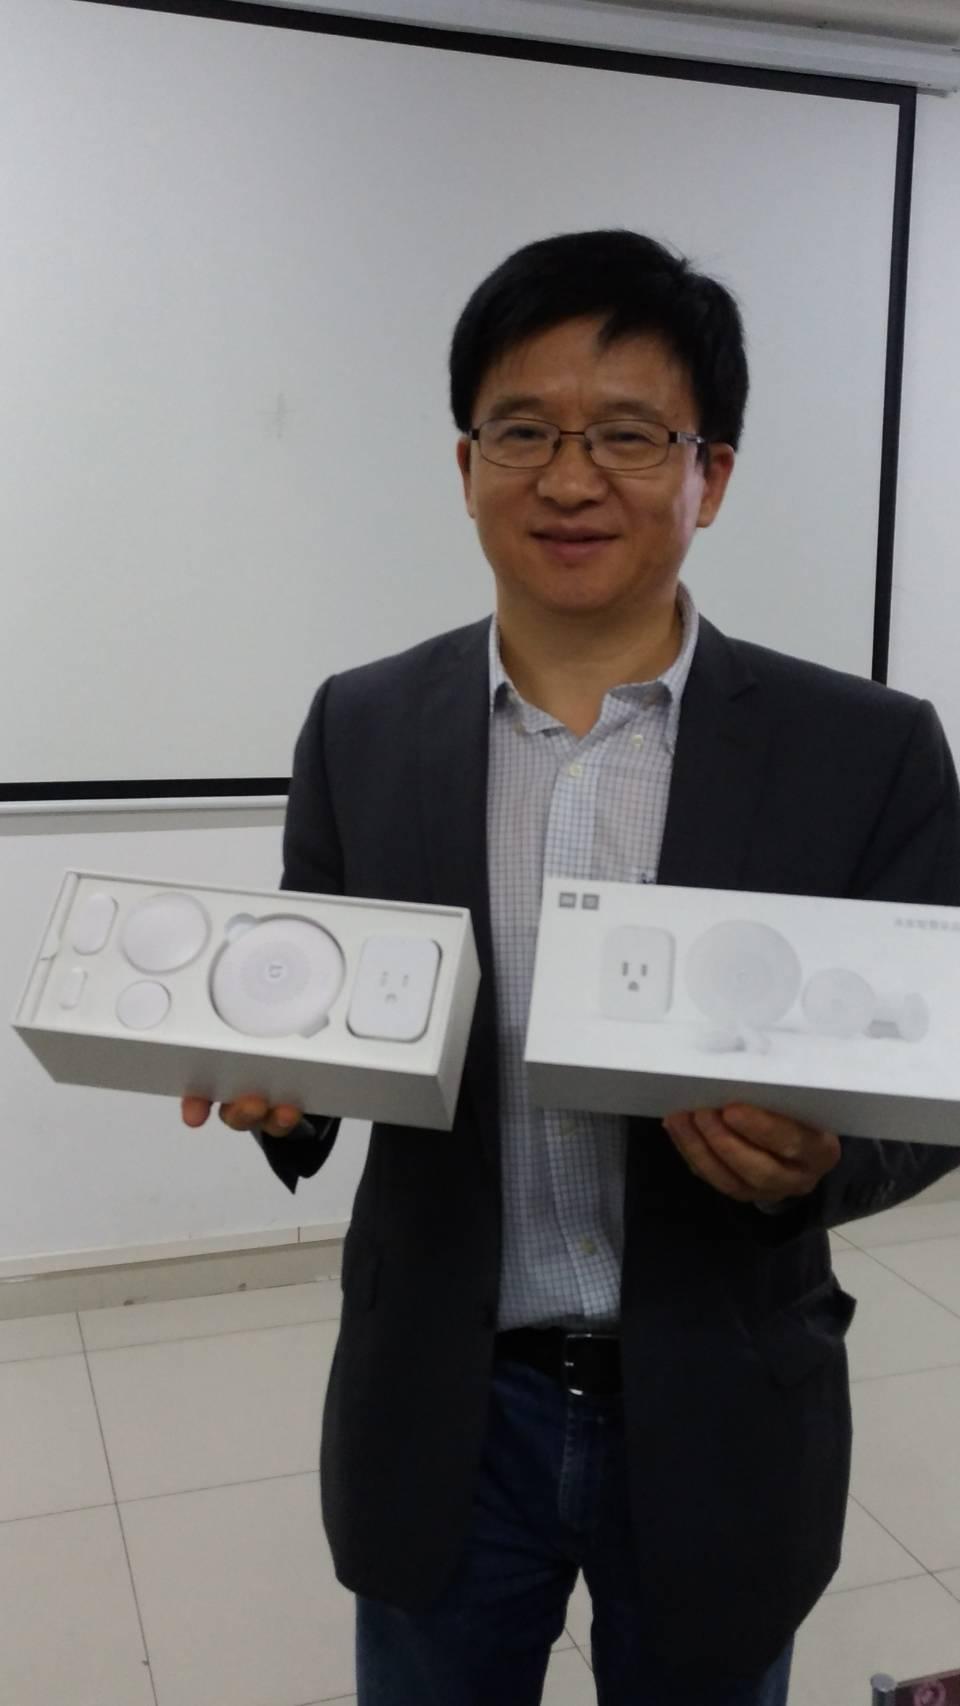 小米生態供應鏈的綠米聯創董事長兼CEO游延筠表示,明年3月之前將引進智能家居的智...